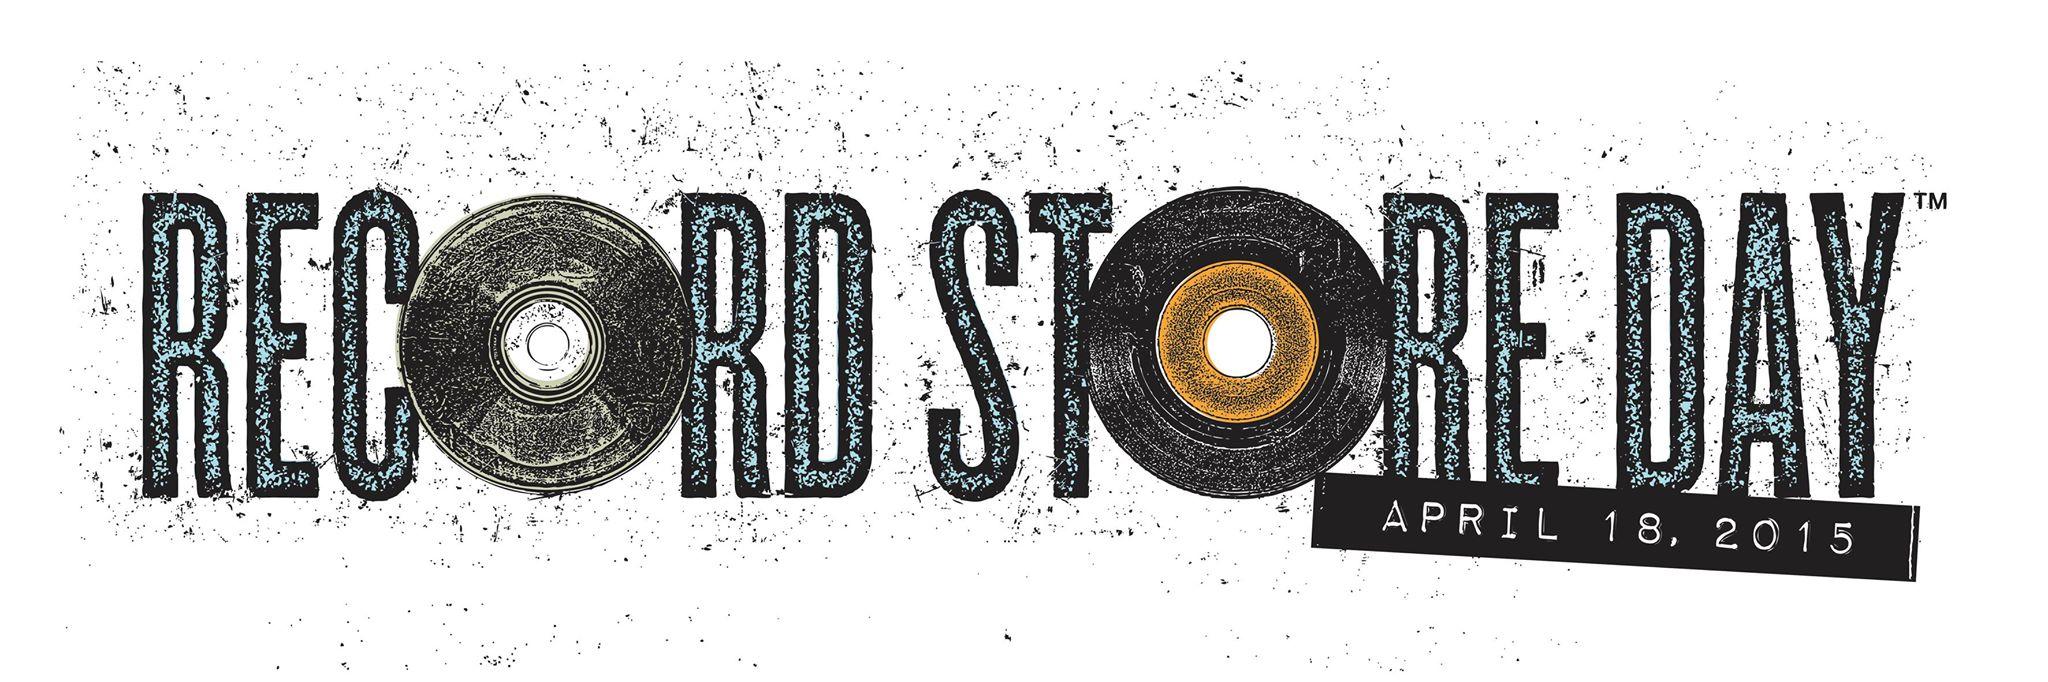 Un double vinyle de U2 pour le Record Store Day